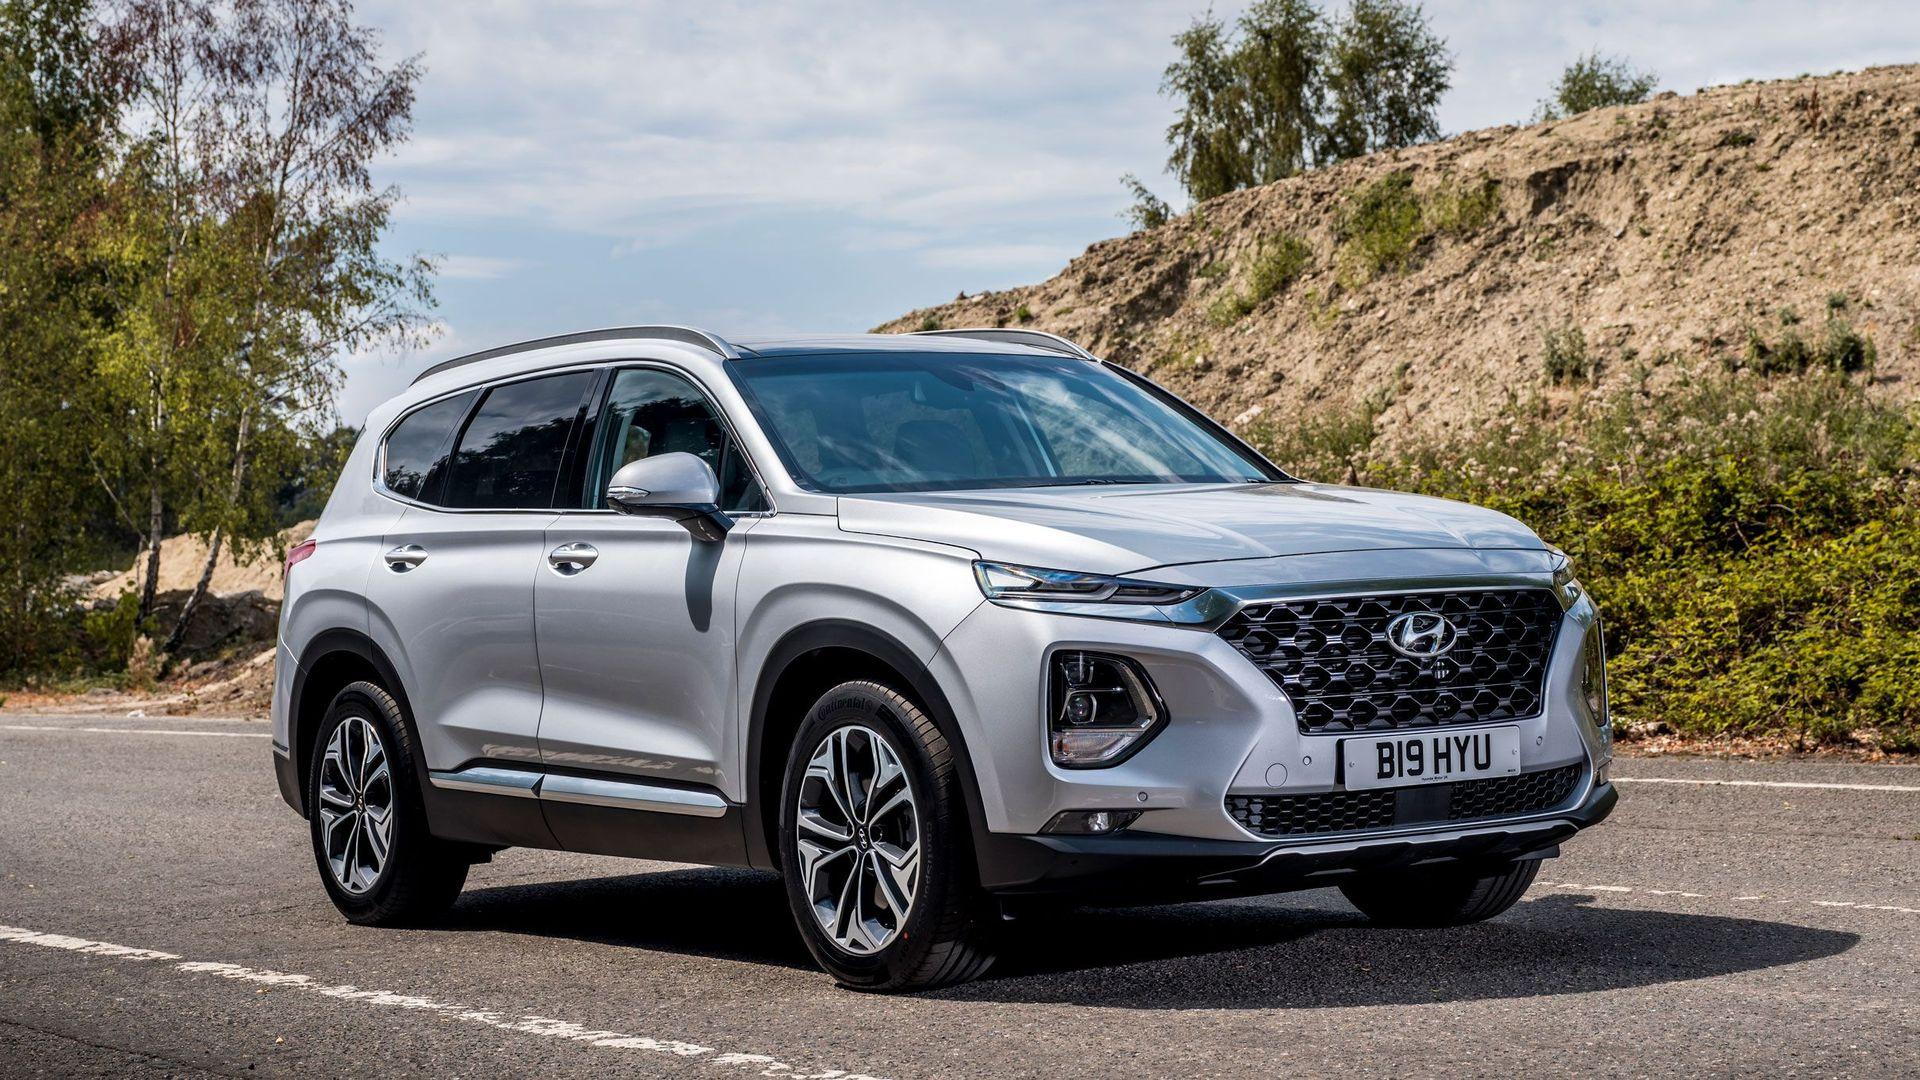 Hyundai Santa Fe CRTD image